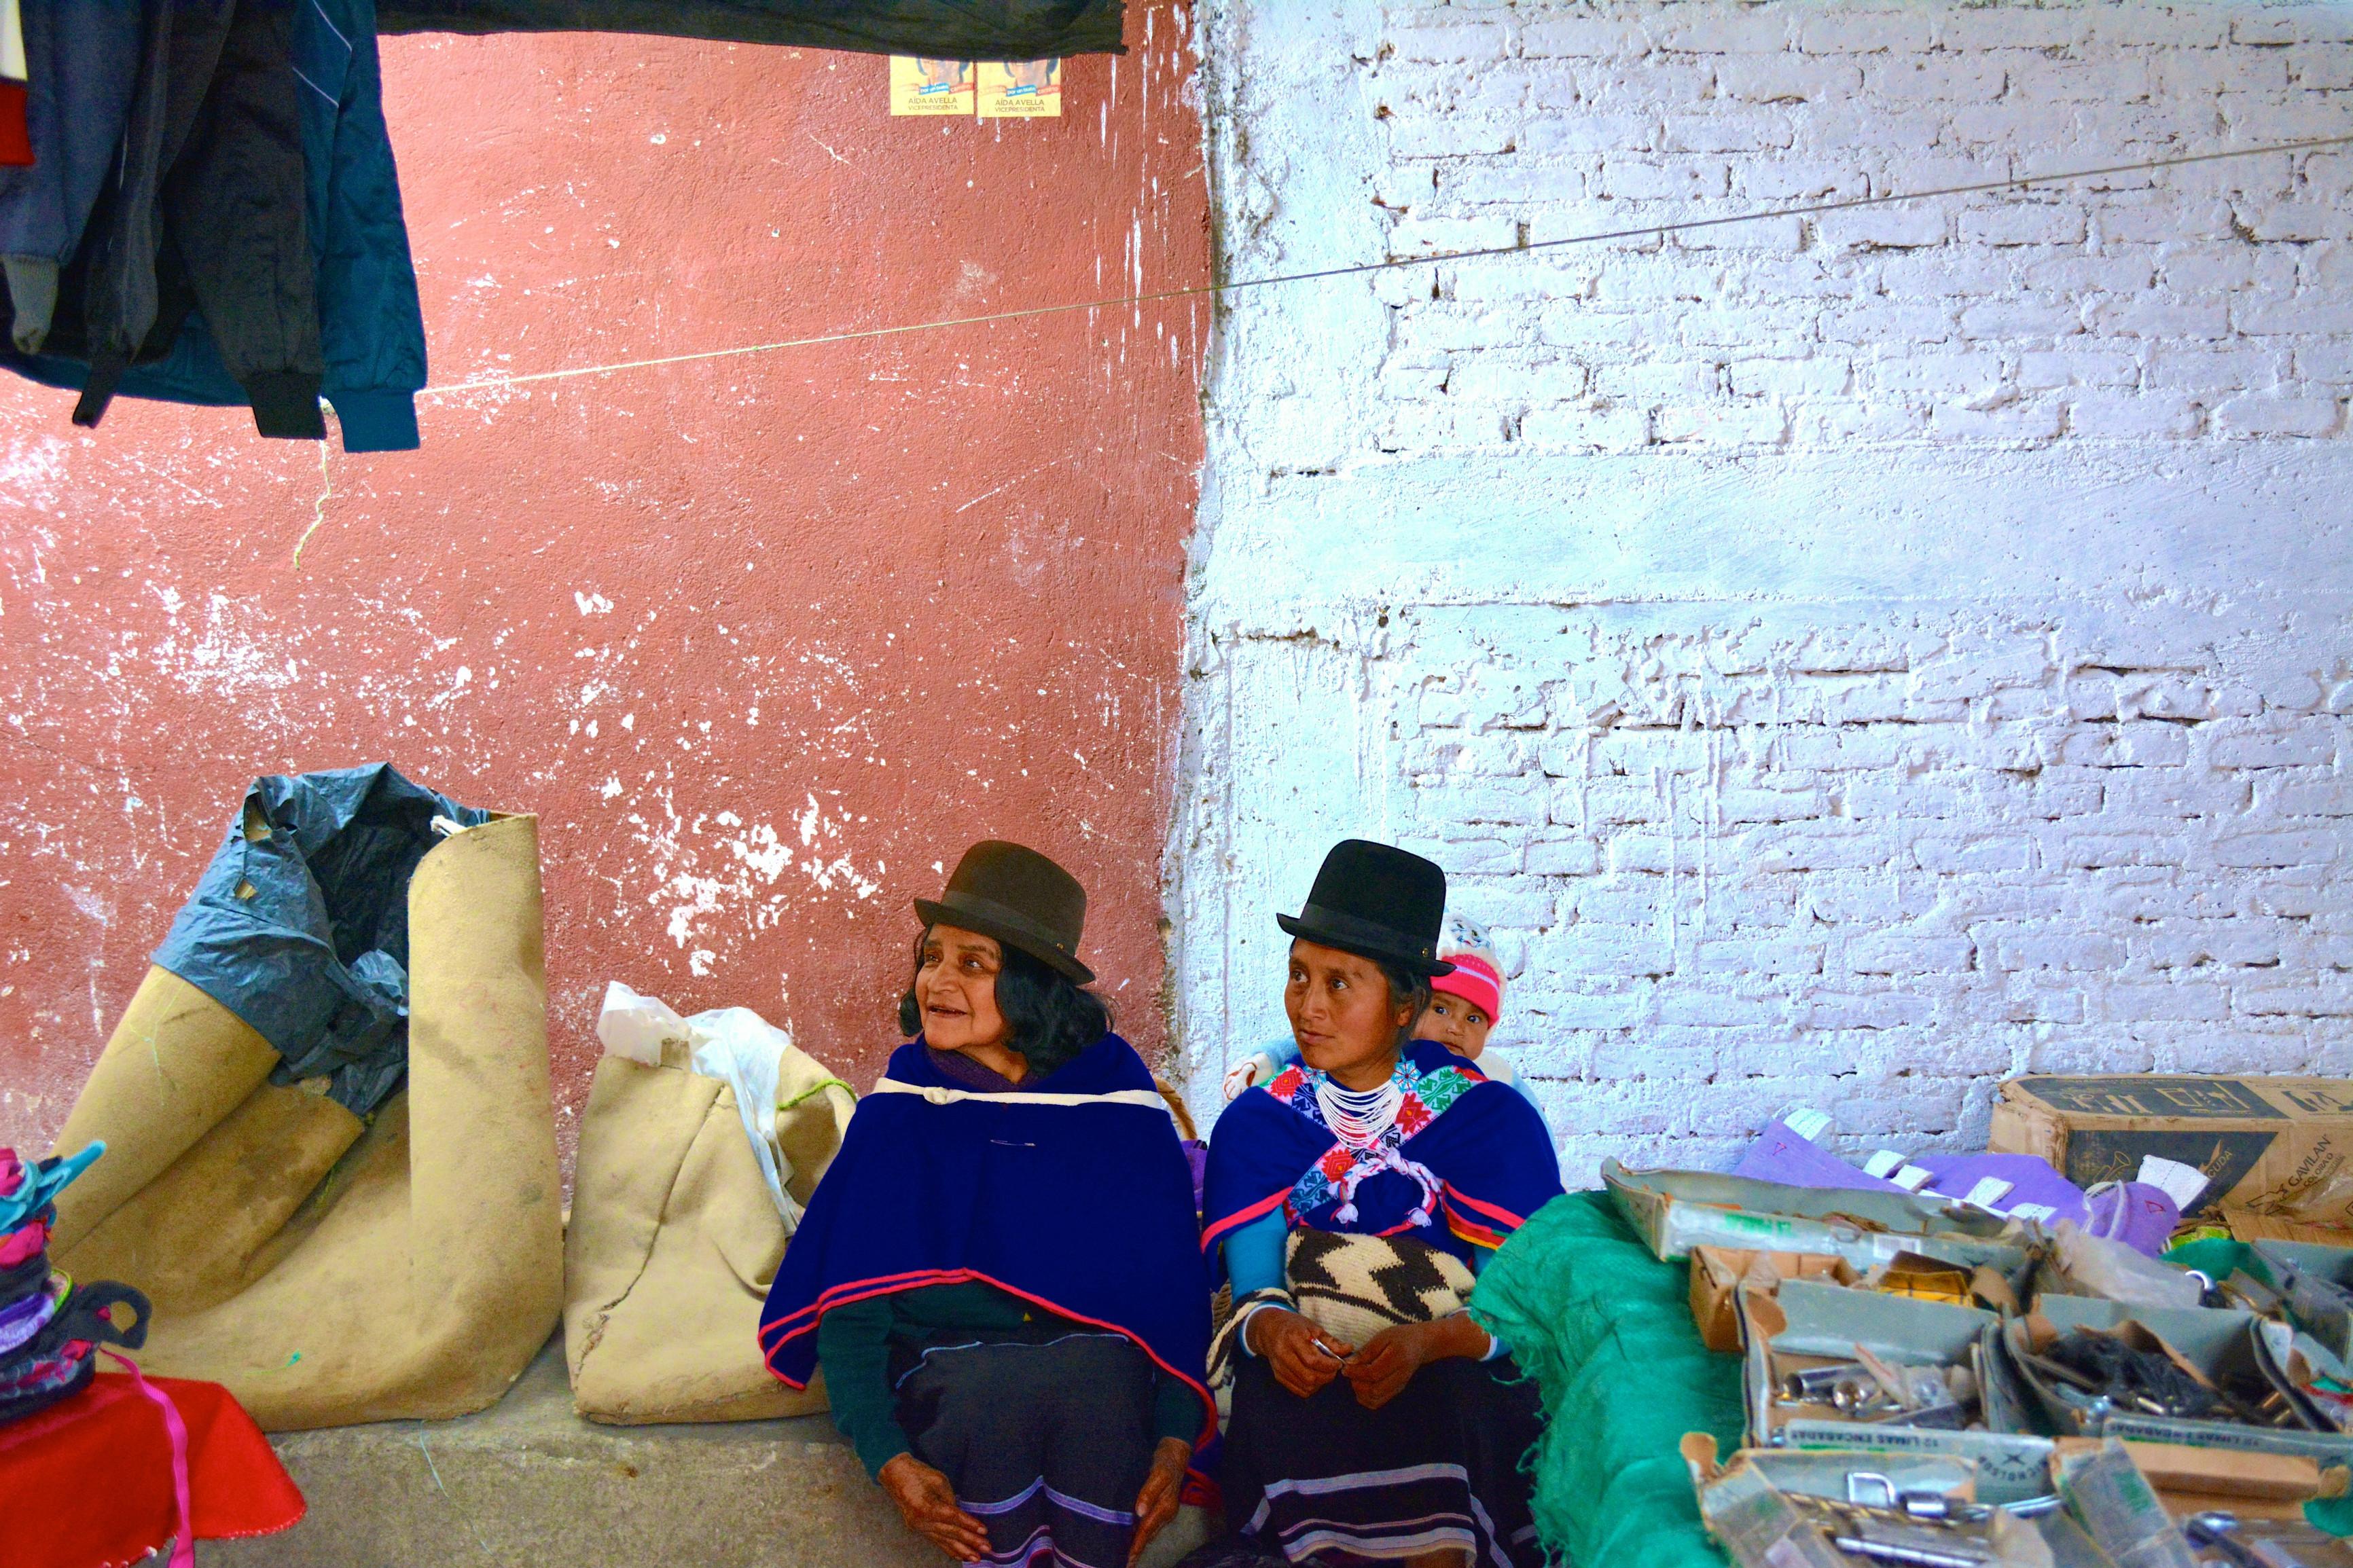 Femmes de l'ethnie de Guambianos - Marché de Silvia près de Popayan - Colombie